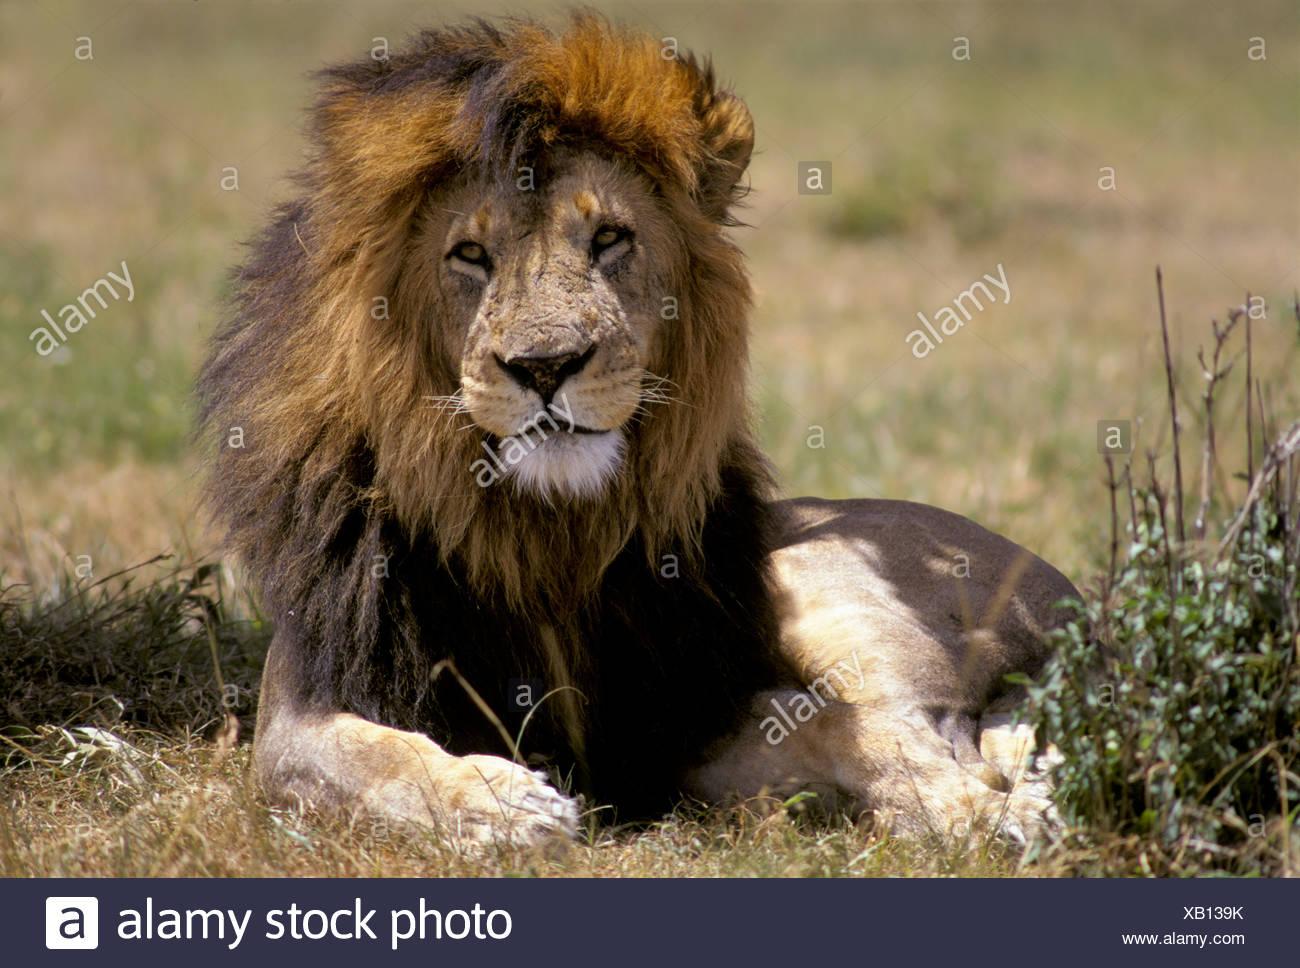 Male lion (Panthera leo), Masai Mara, Kenya, Africa Stock Photo